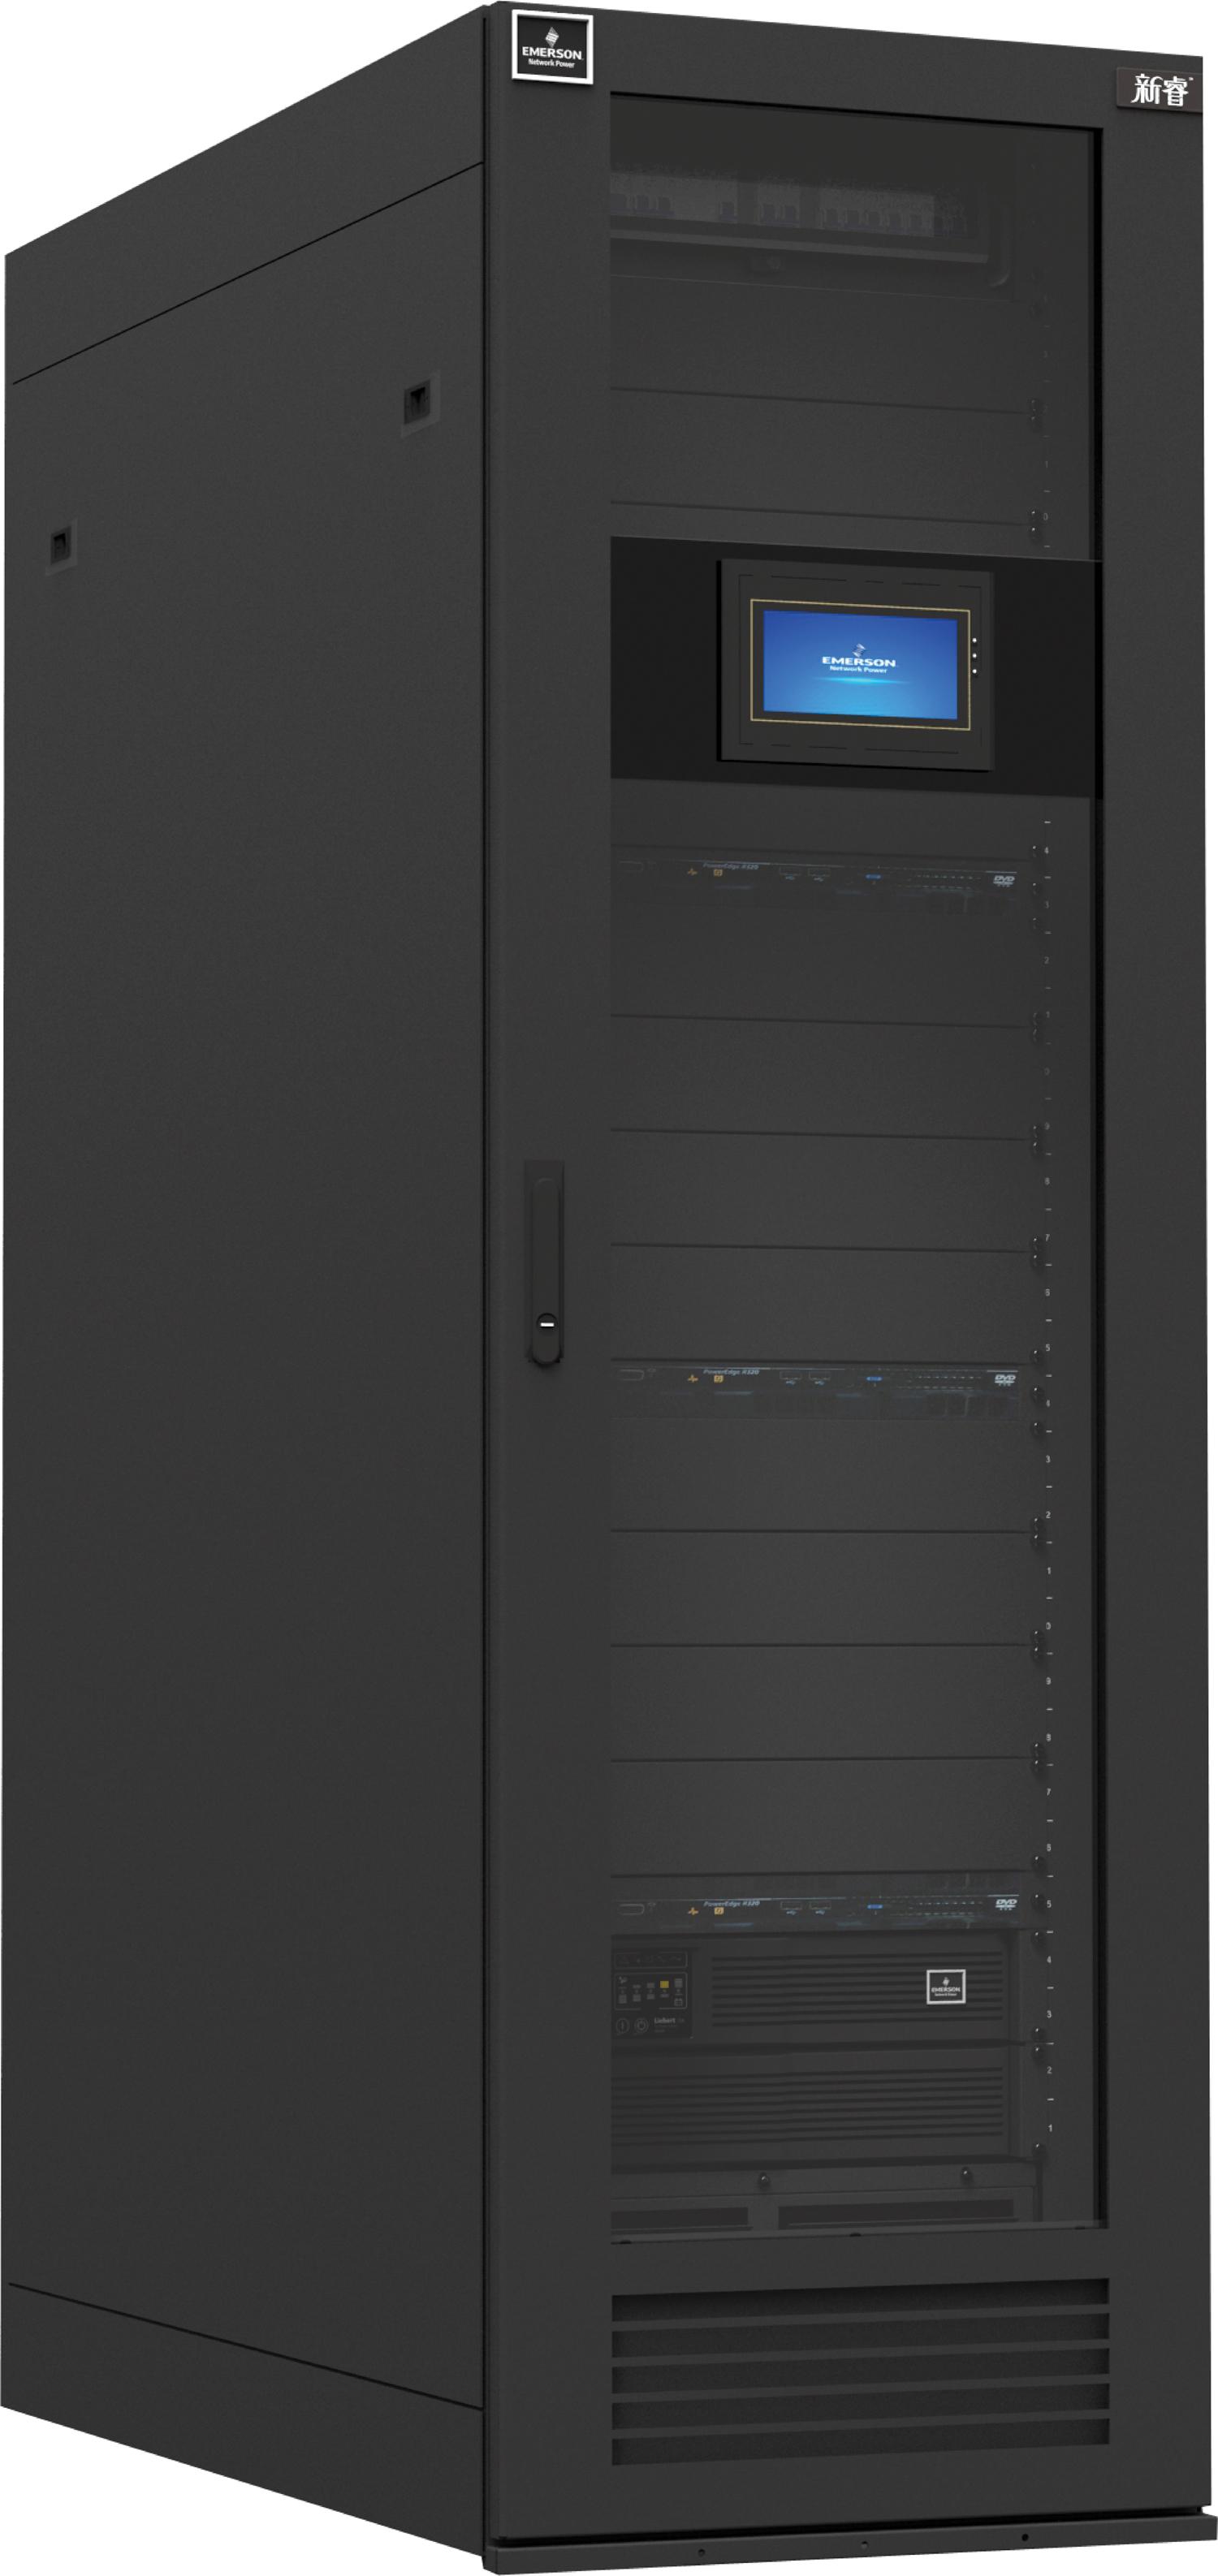 image-1-Vertiv-smartcabinet